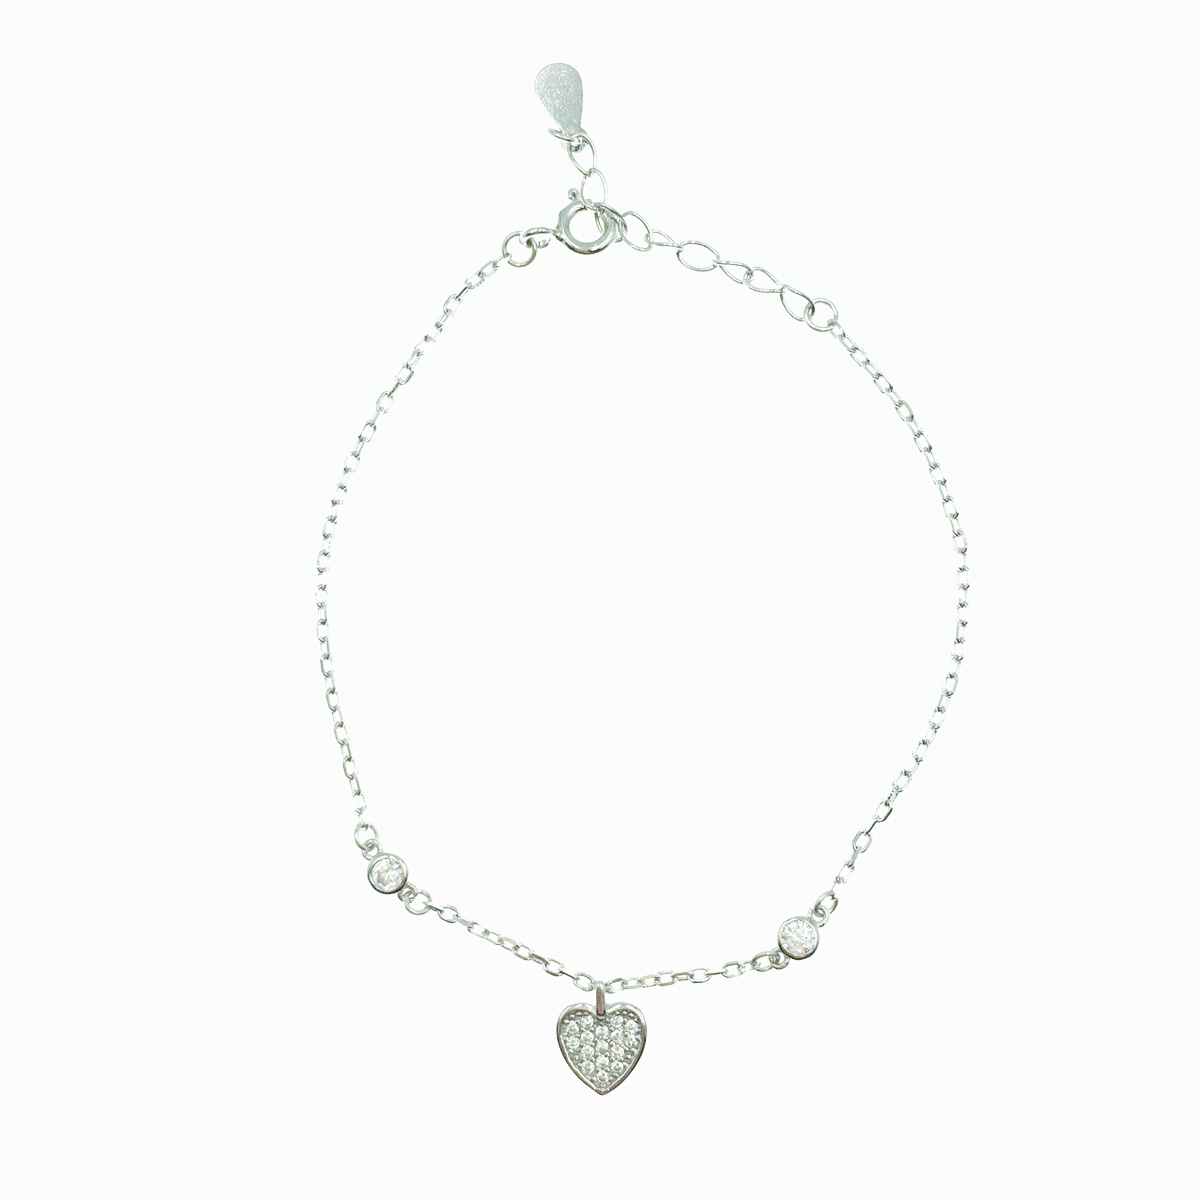 韓國 925純銀 水鑽愛心 甜美 手飾 手鍊